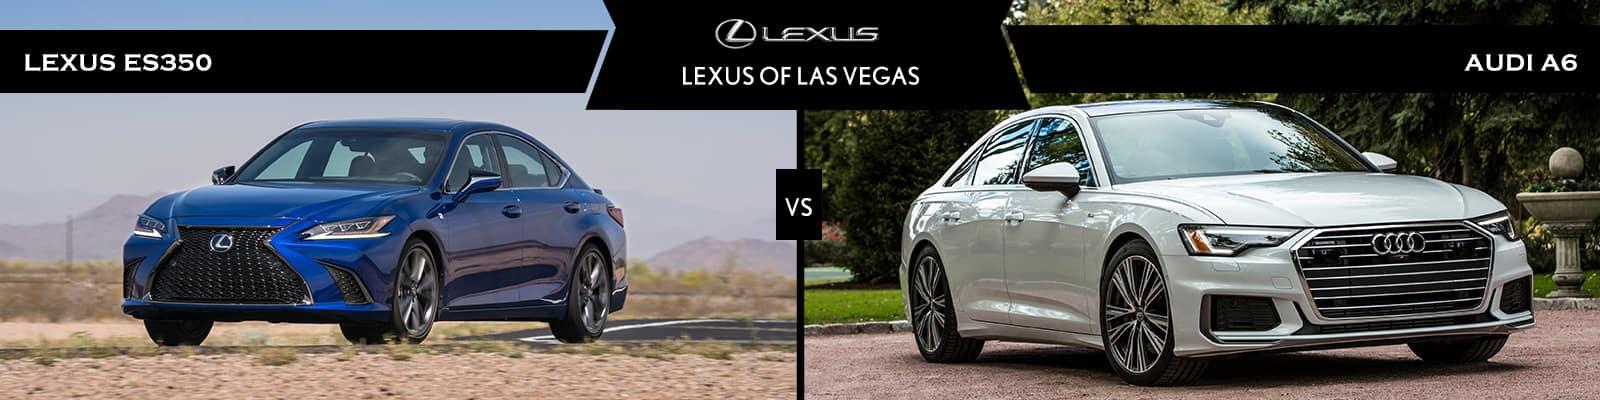 Lexus ES 350 vs Audi A6